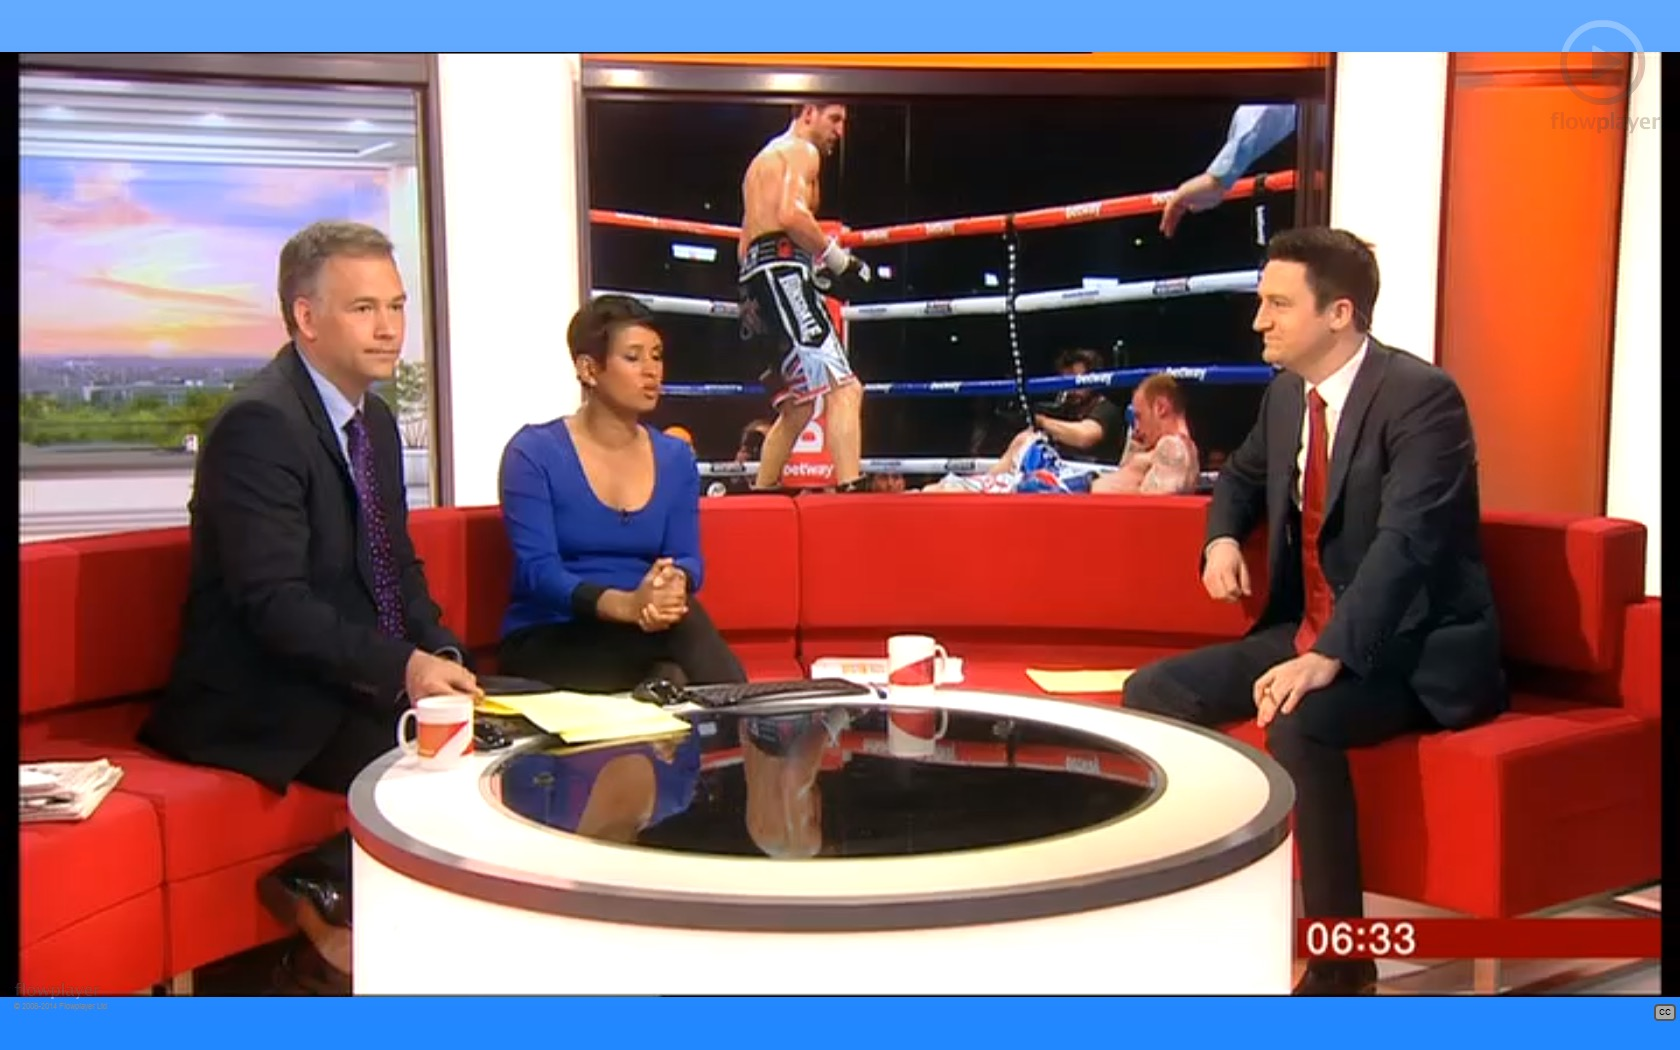 On BBC Breakfast